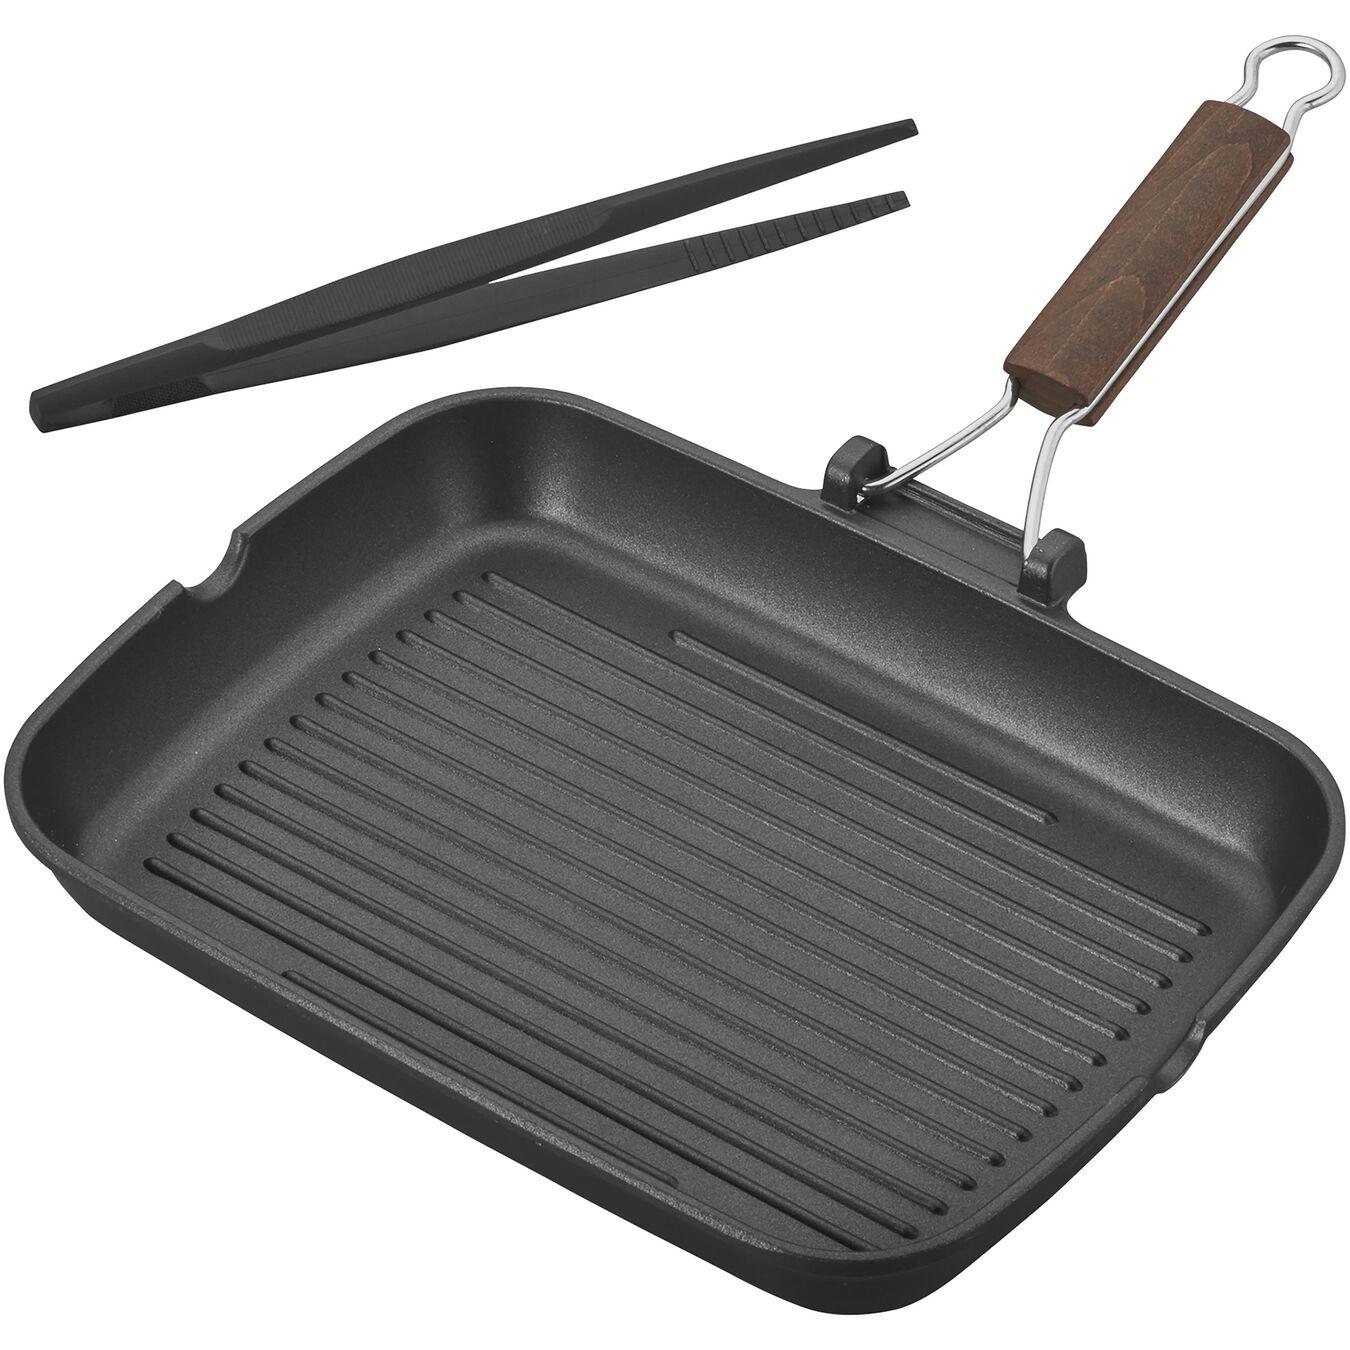 Pots and pans set,,large 1